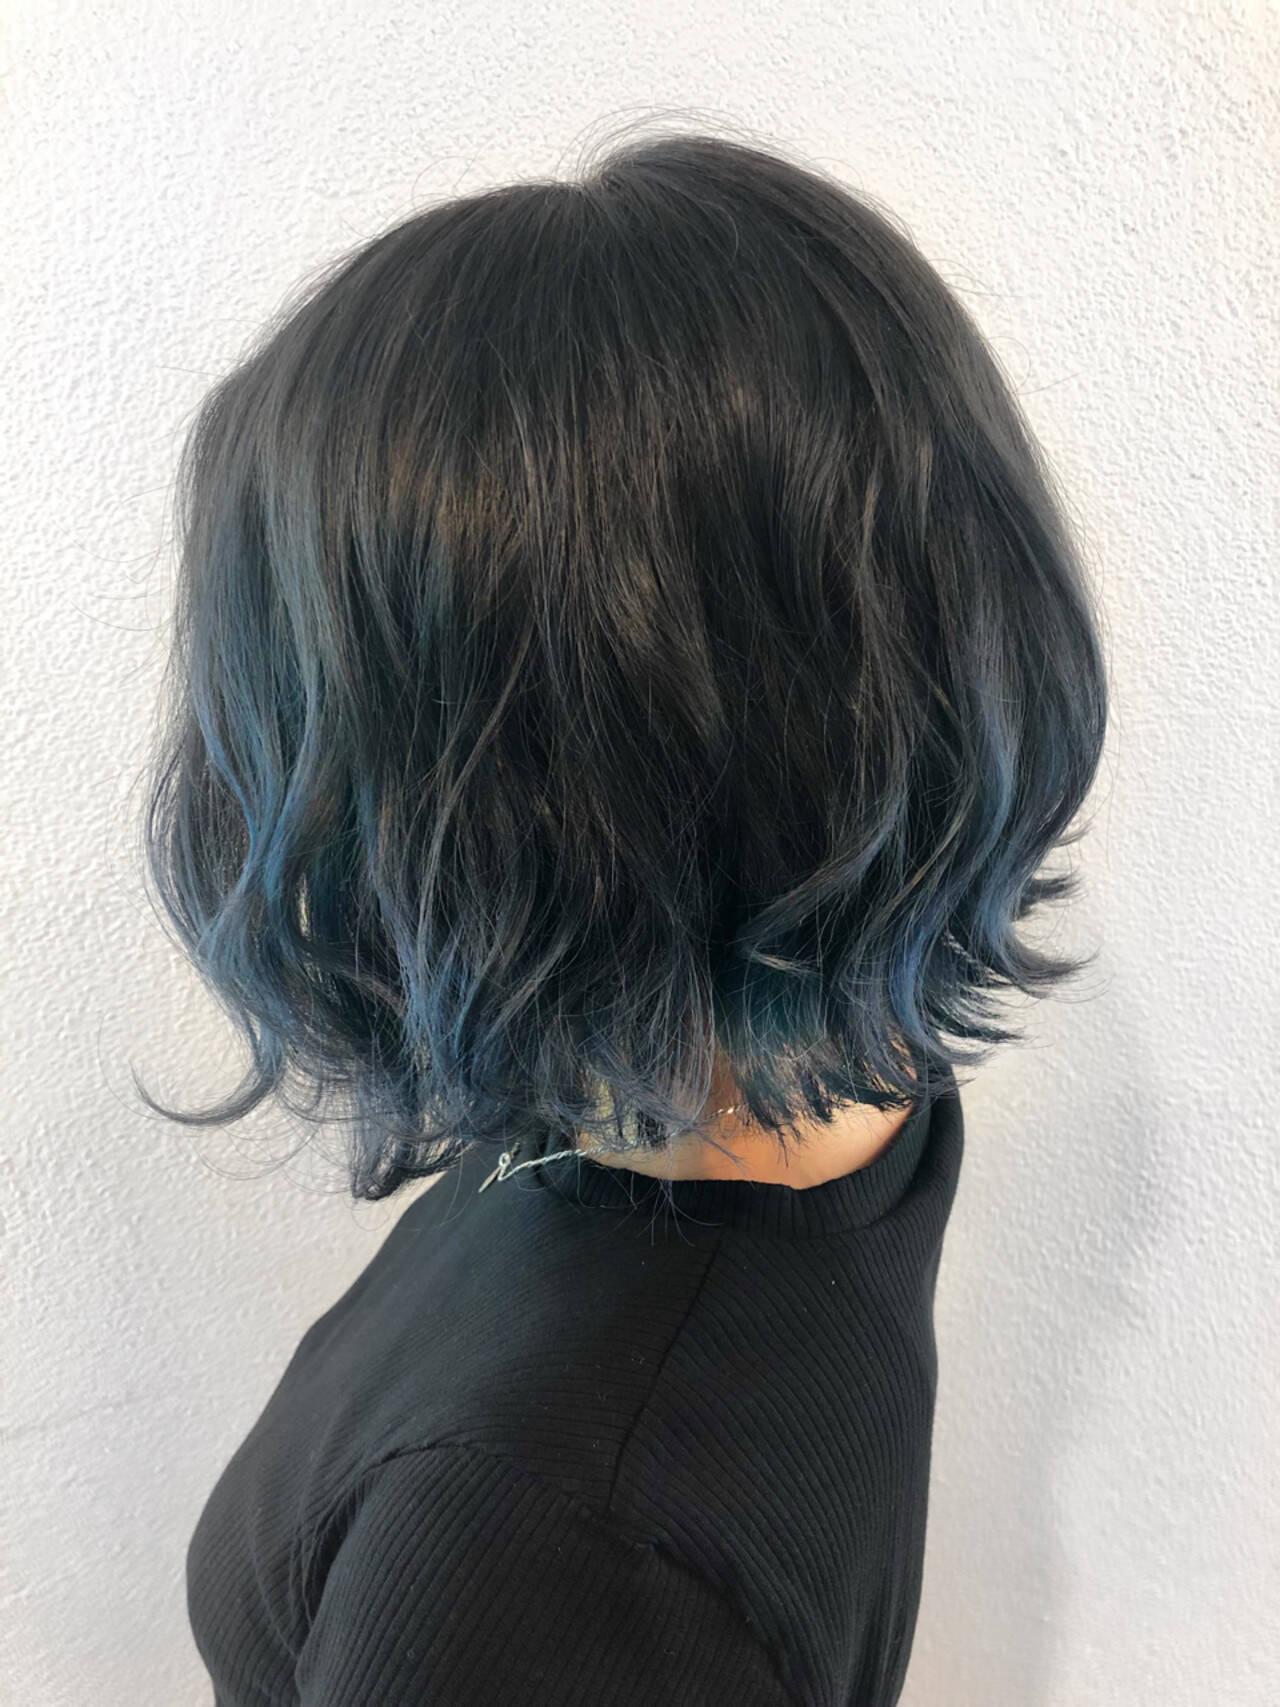 透明感 ボブ モード ネイビーヘアスタイルや髪型の写真・画像